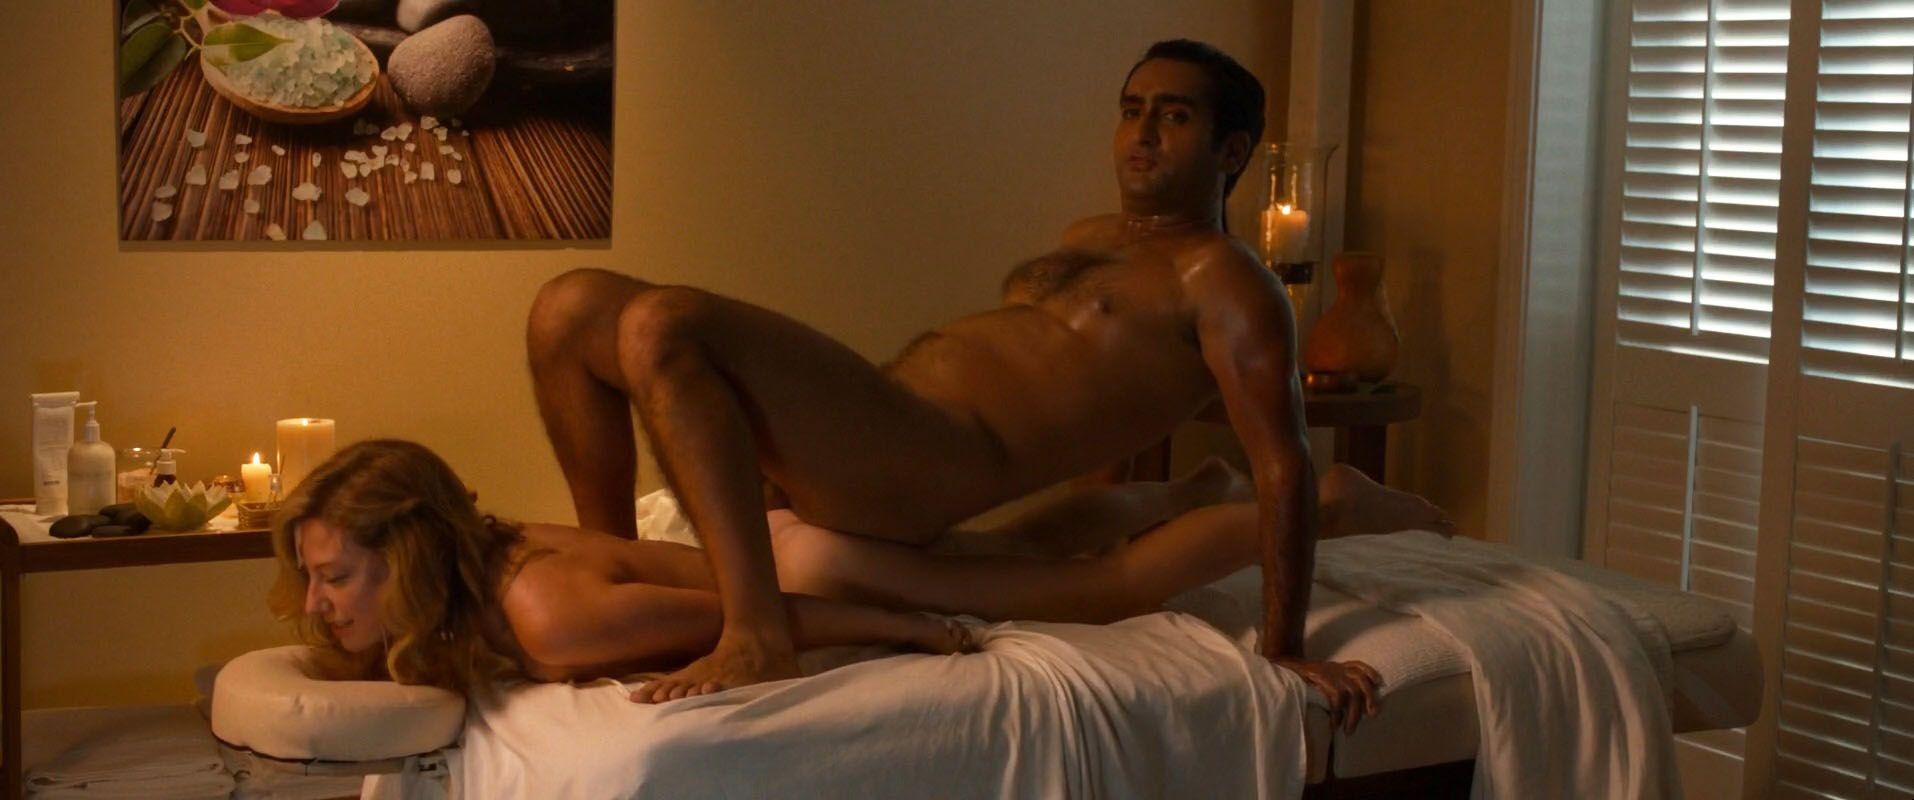 Aubrey Plaza leaked naked pic